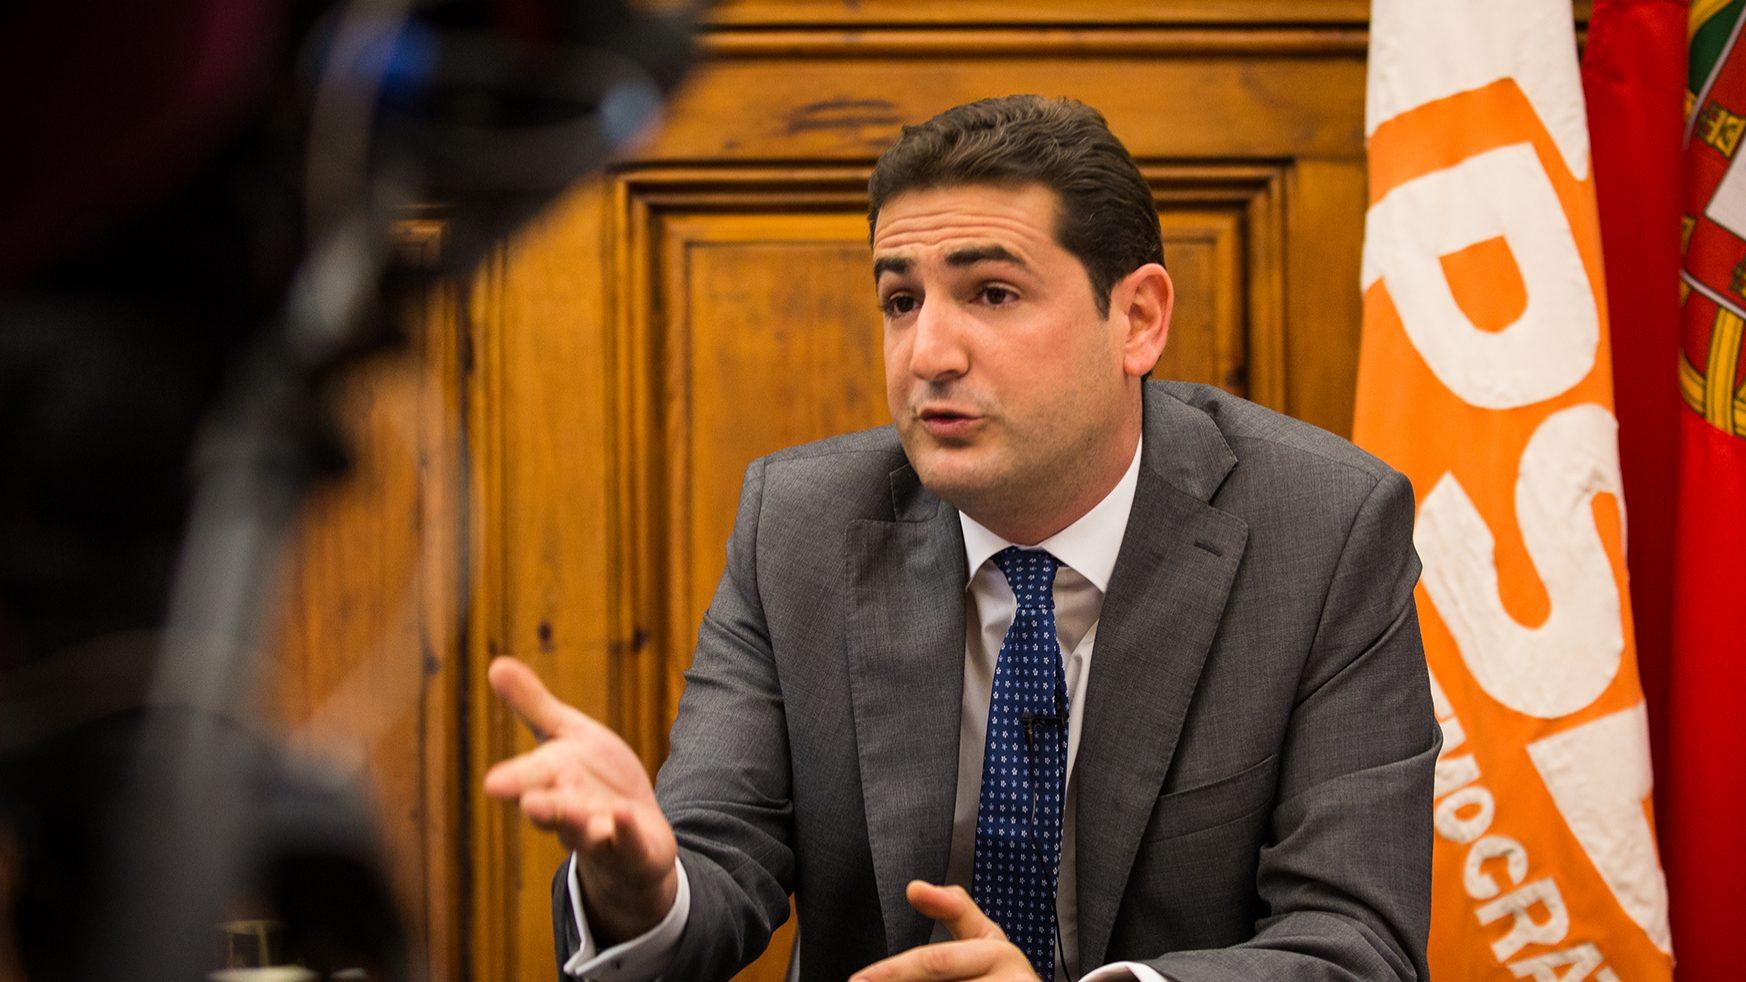 PSD: Hugo Soares defende anúncio imediato de voto contra o OE2019